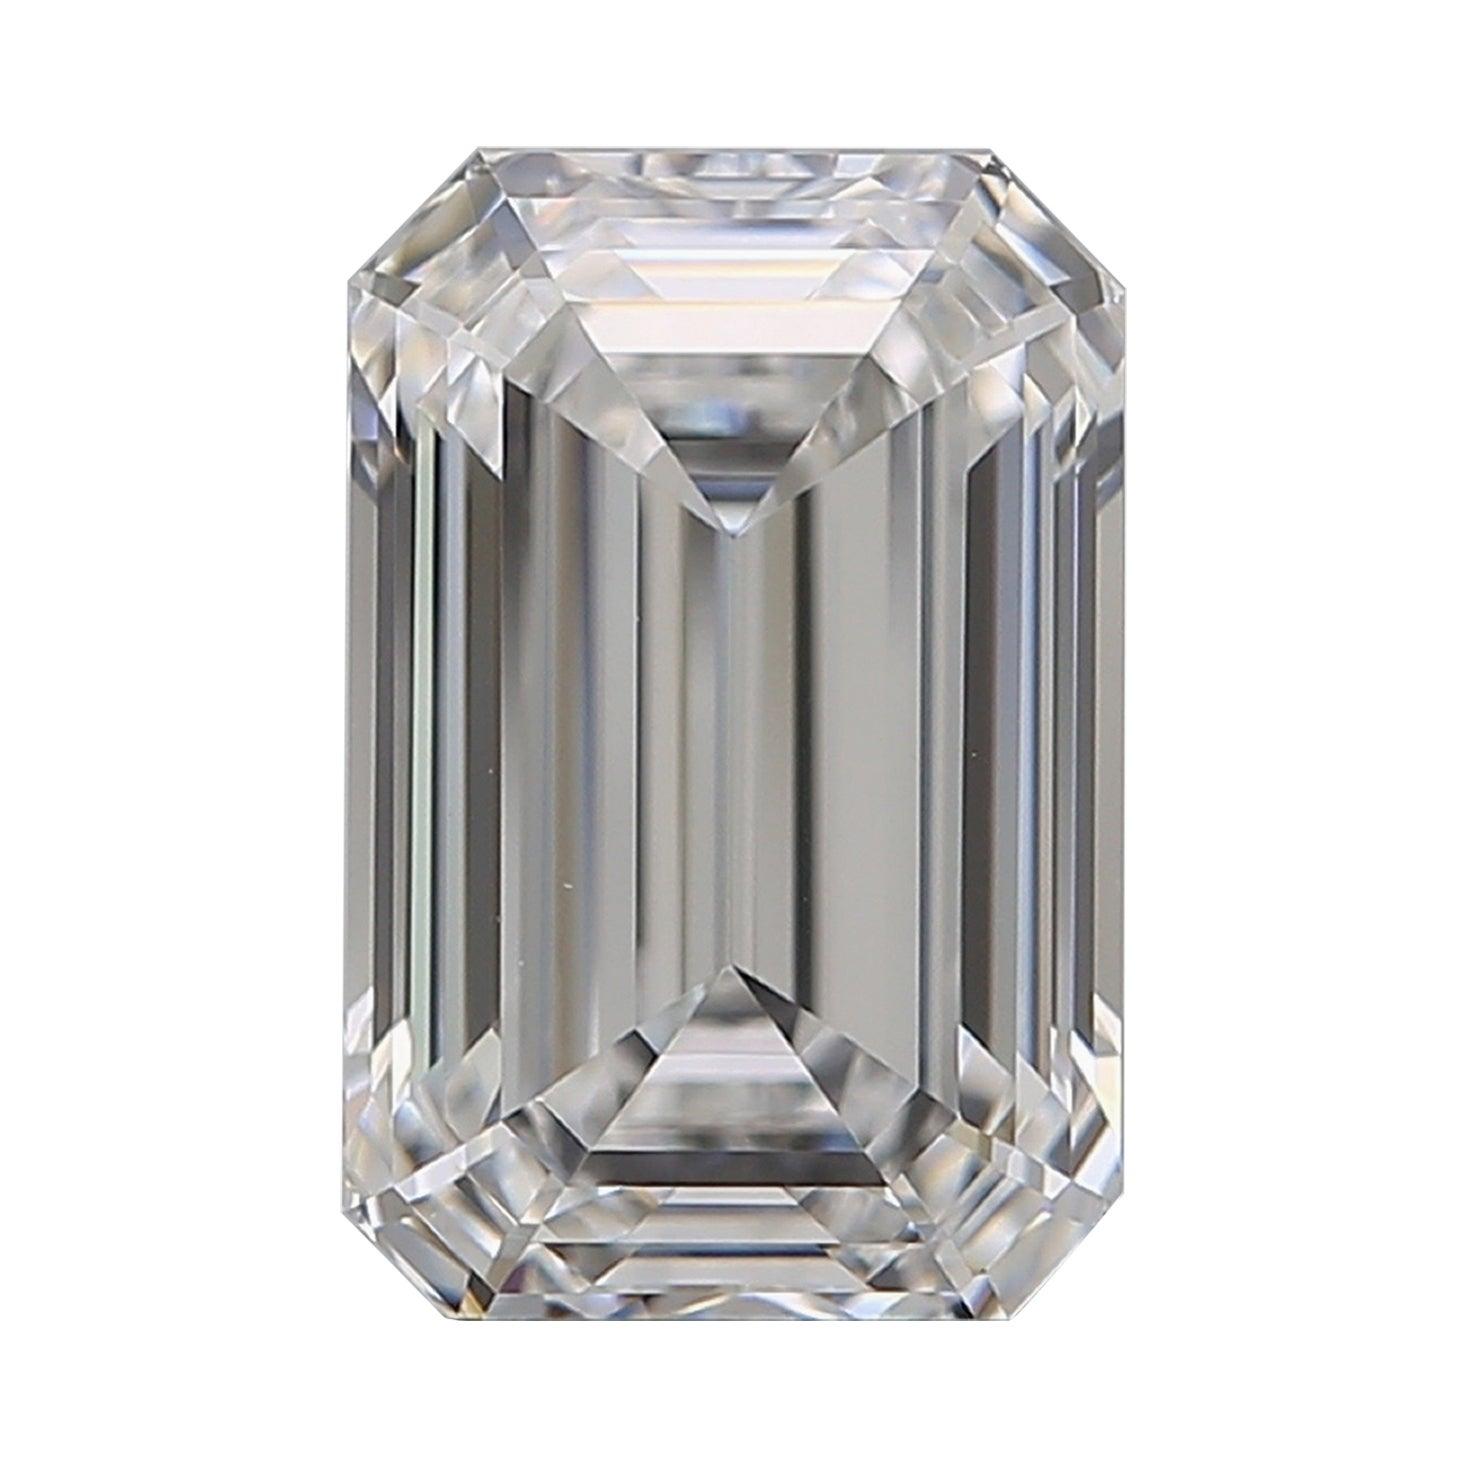 GIA Certified 2.20 Carat Emerald Cut Diamond D Color VVS1 Clarity